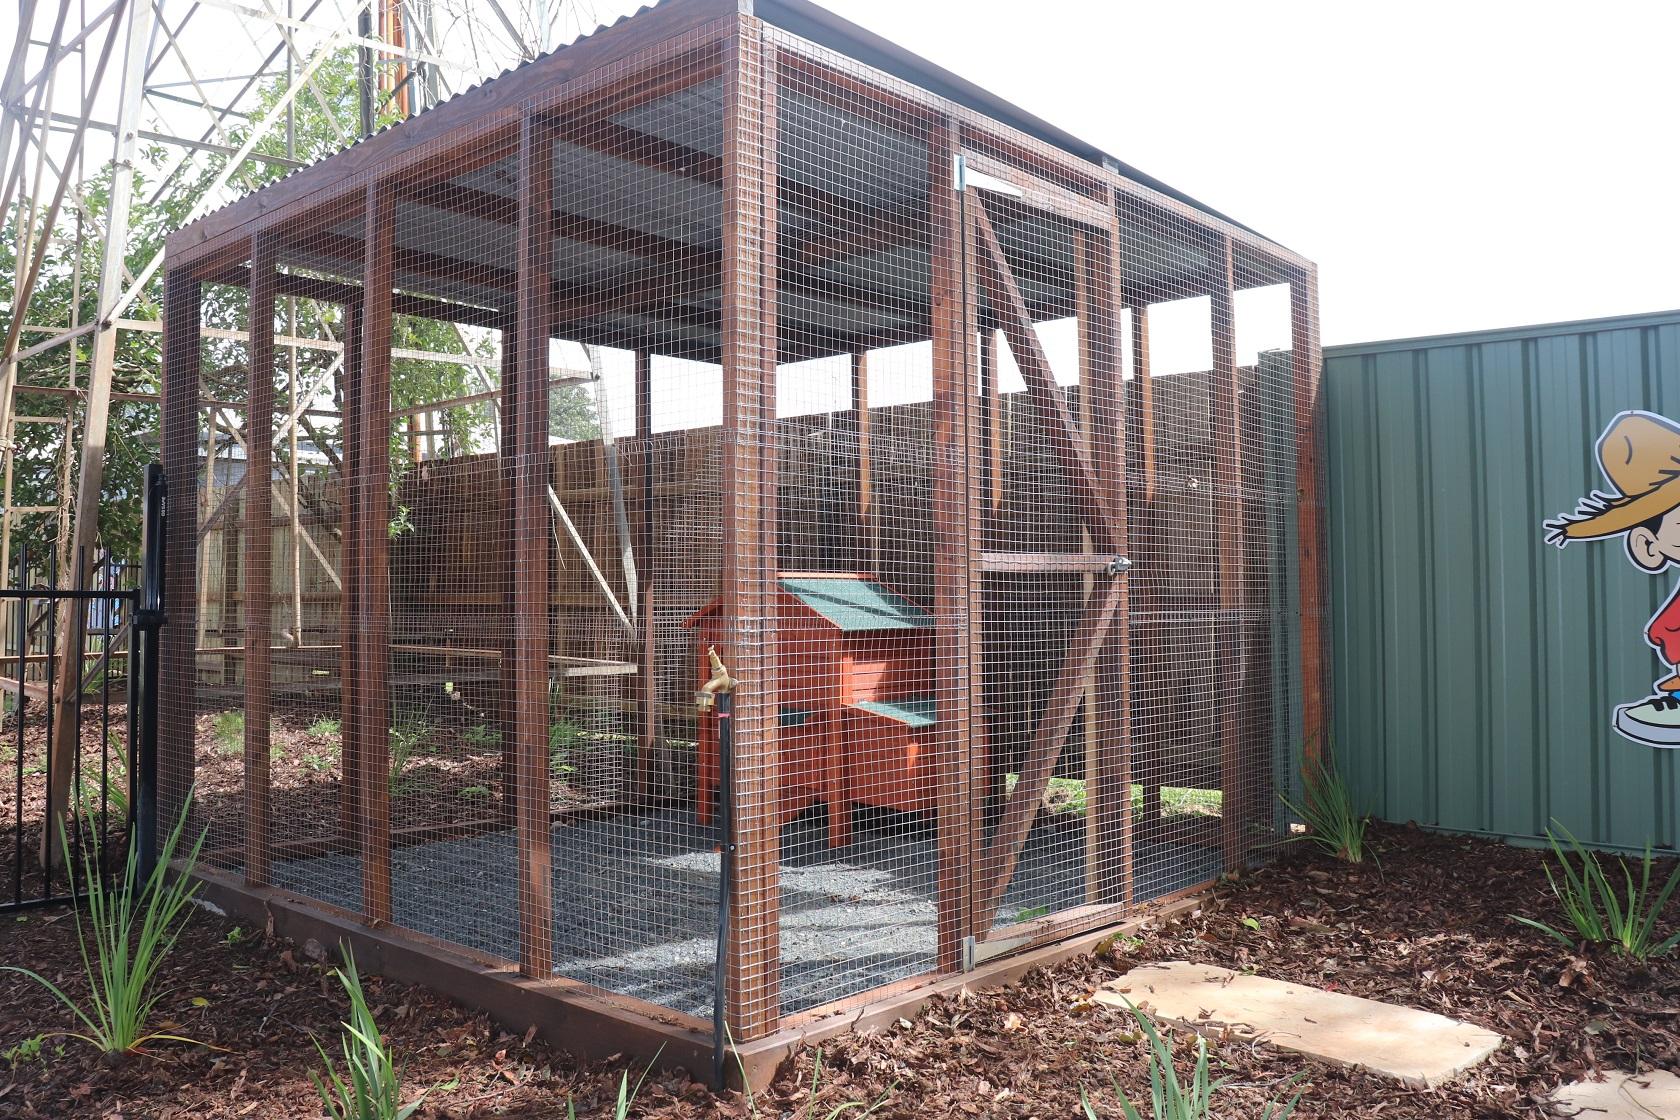 animal enclosure - margaret st